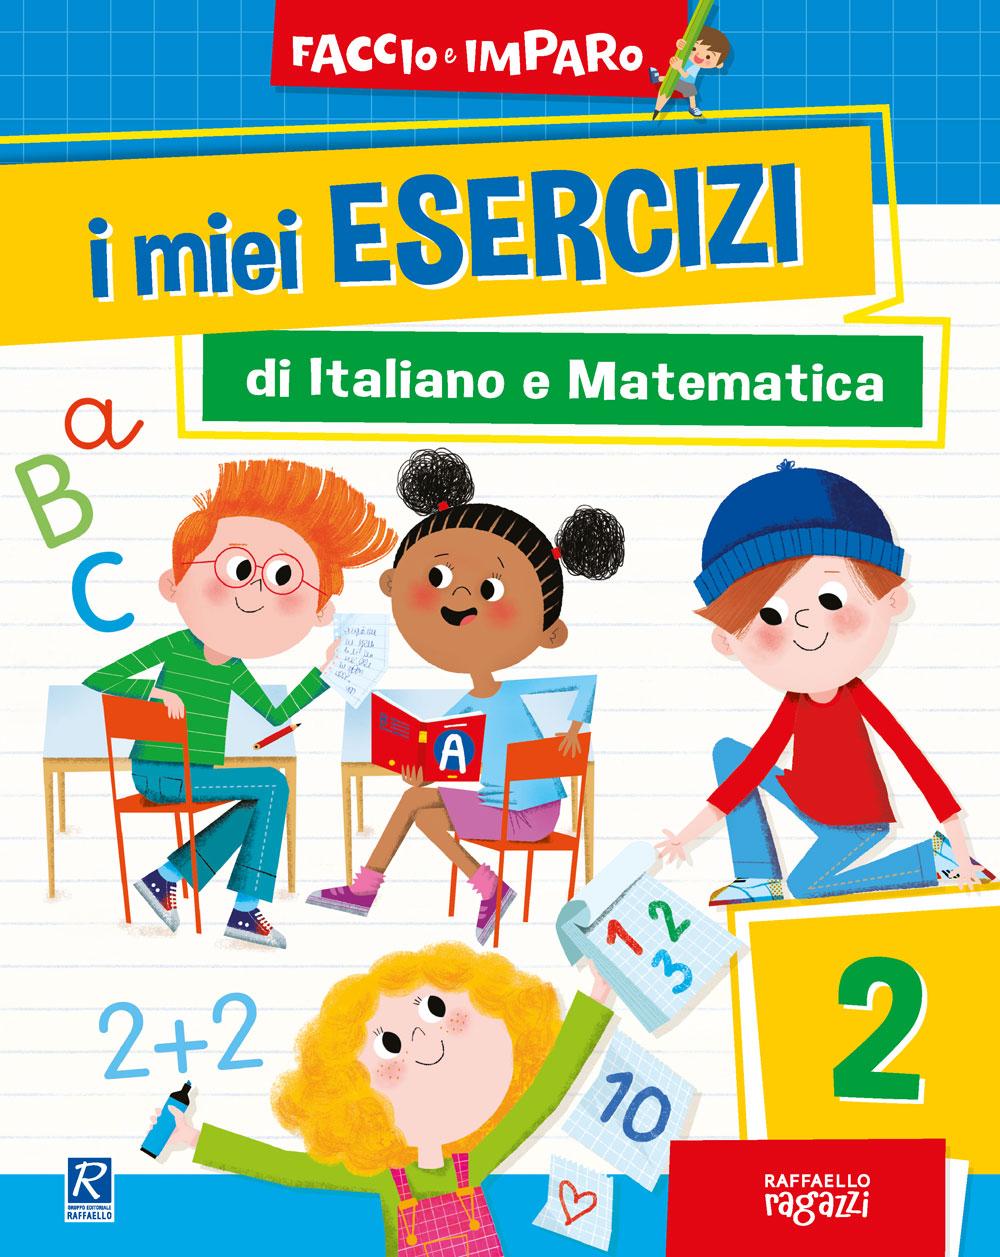 I miei esercizi di Italiano e Matematica - 2